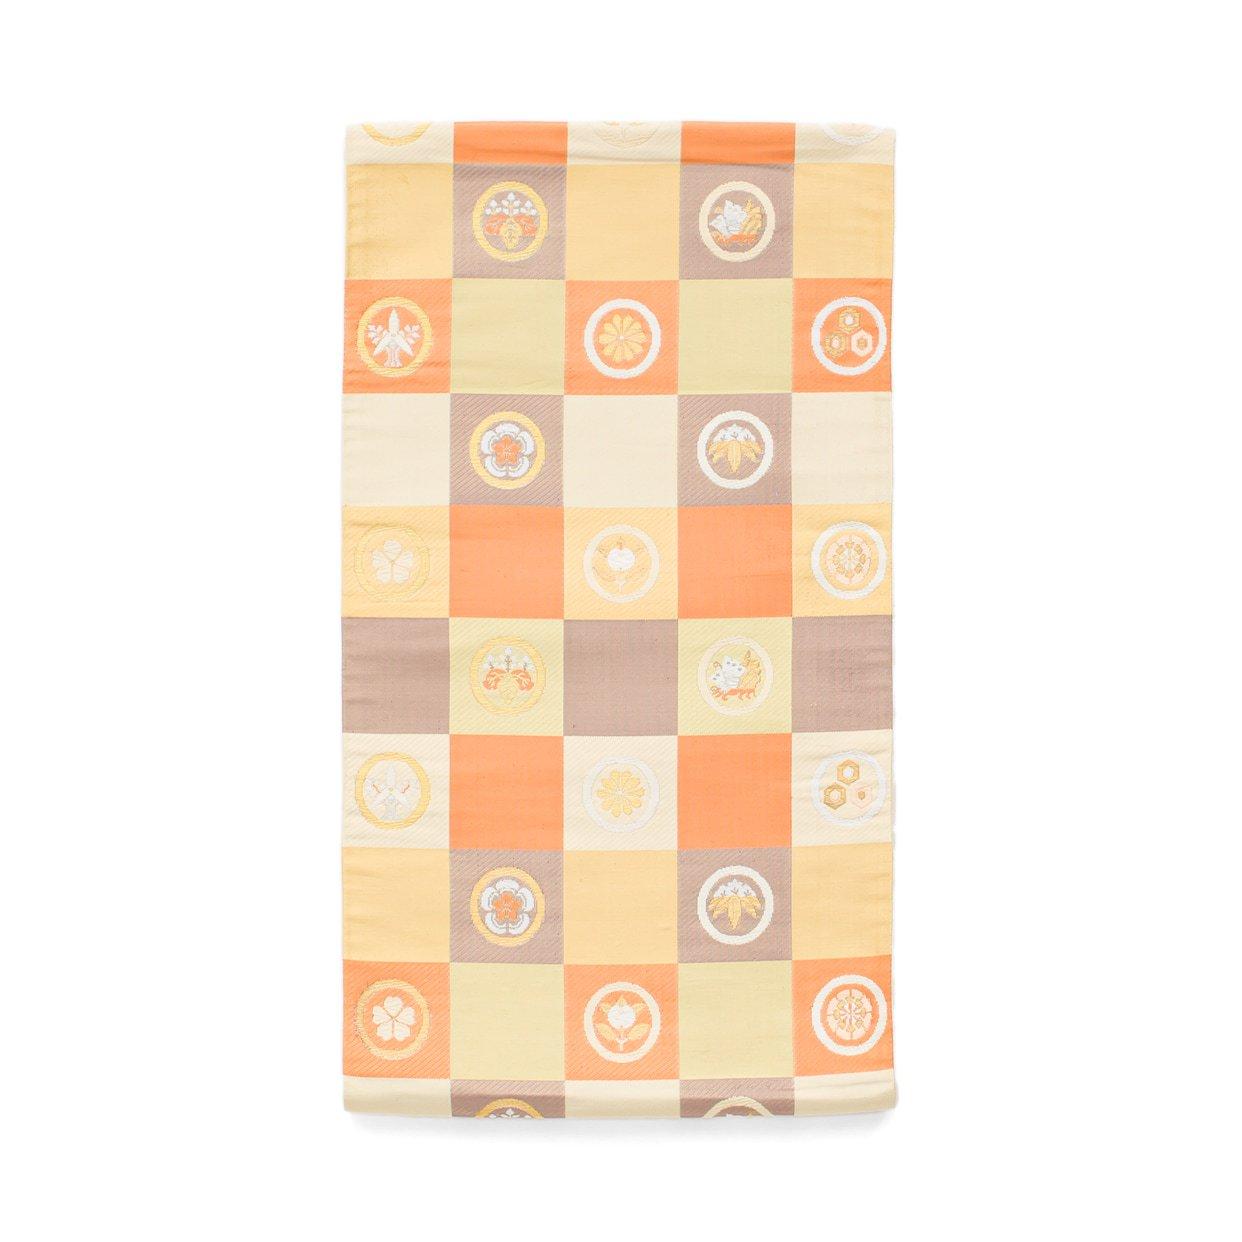 「袋帯●市松に丸紋」の商品画像